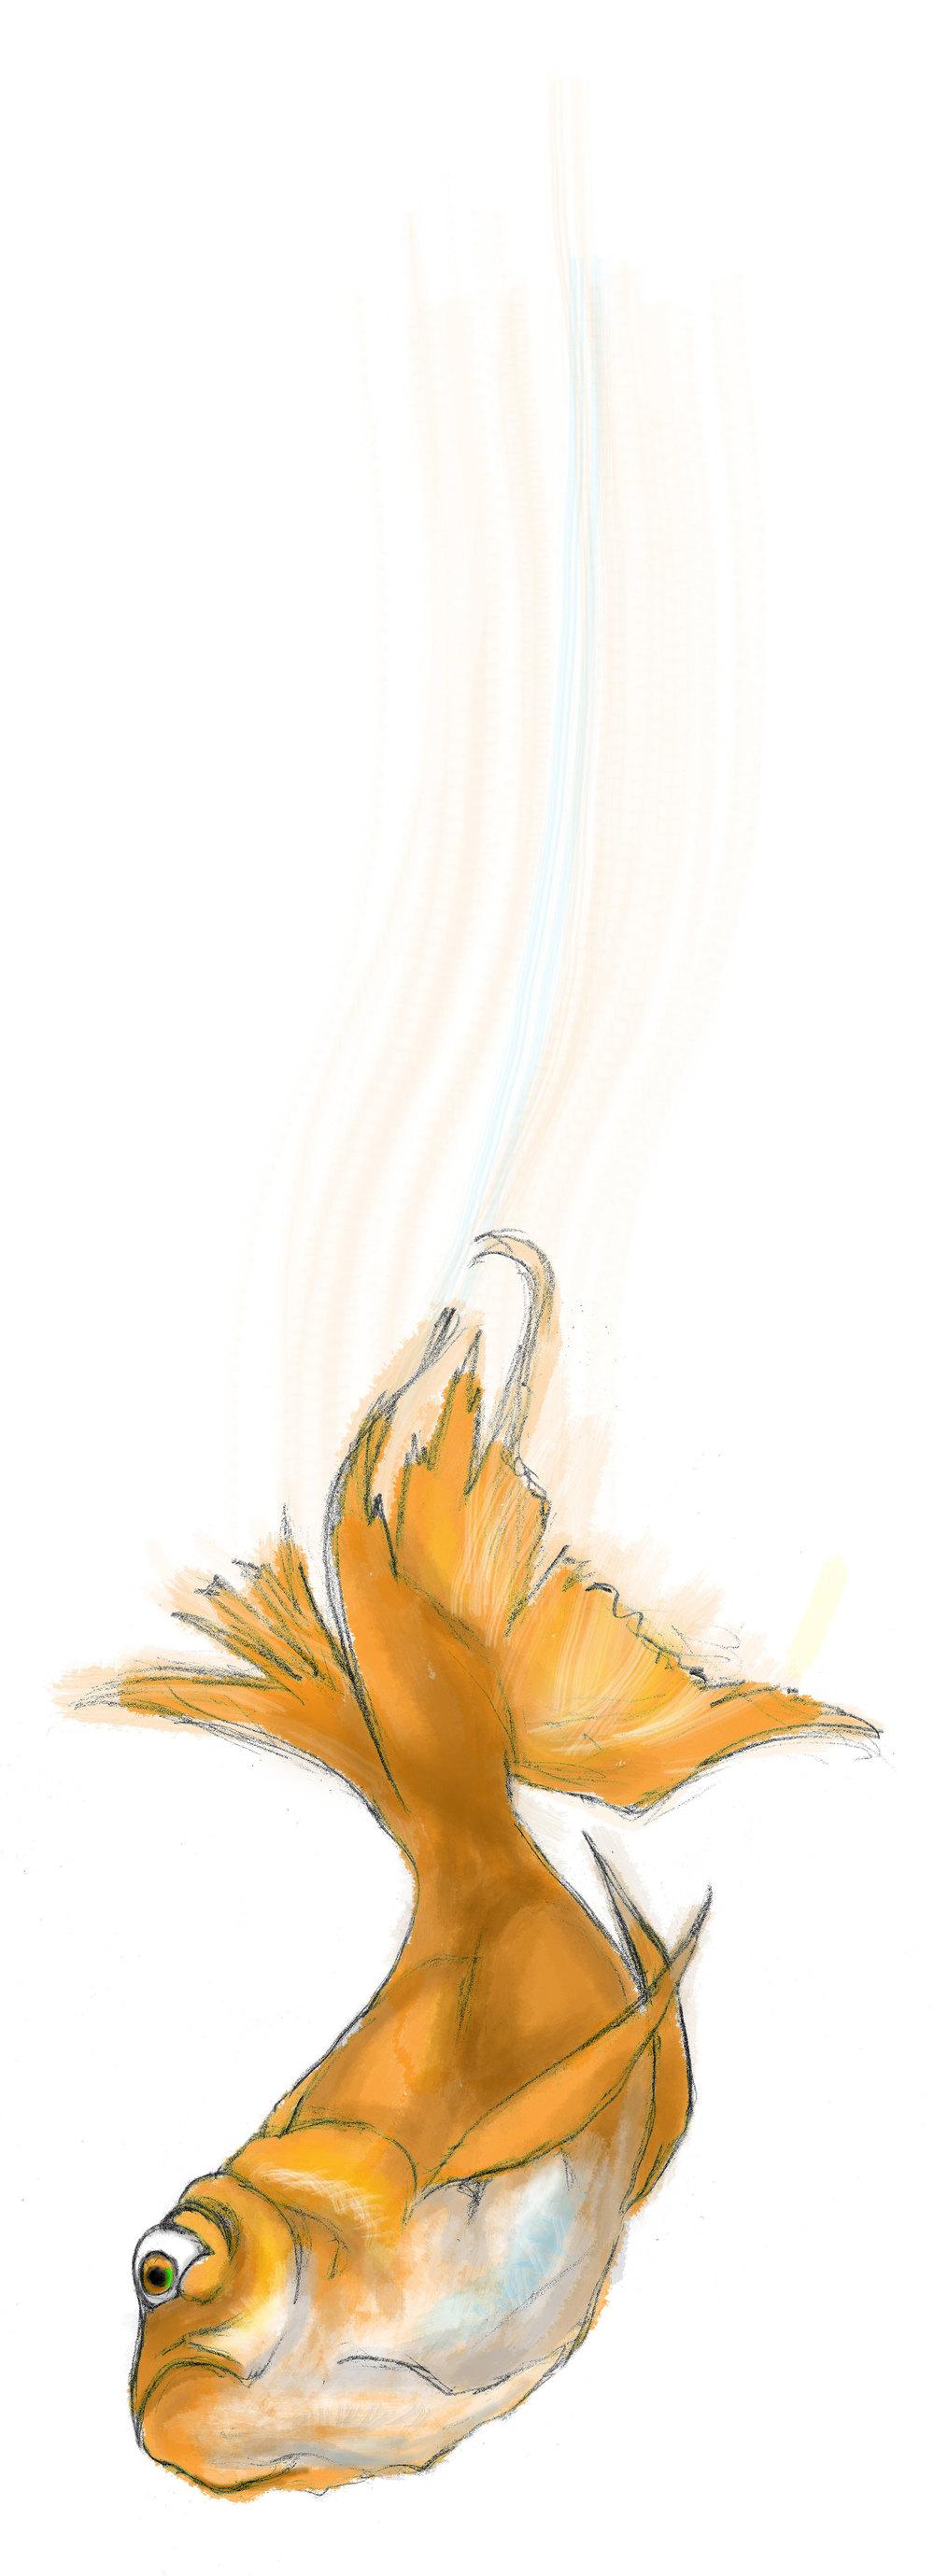 goldfish_v02.jpg